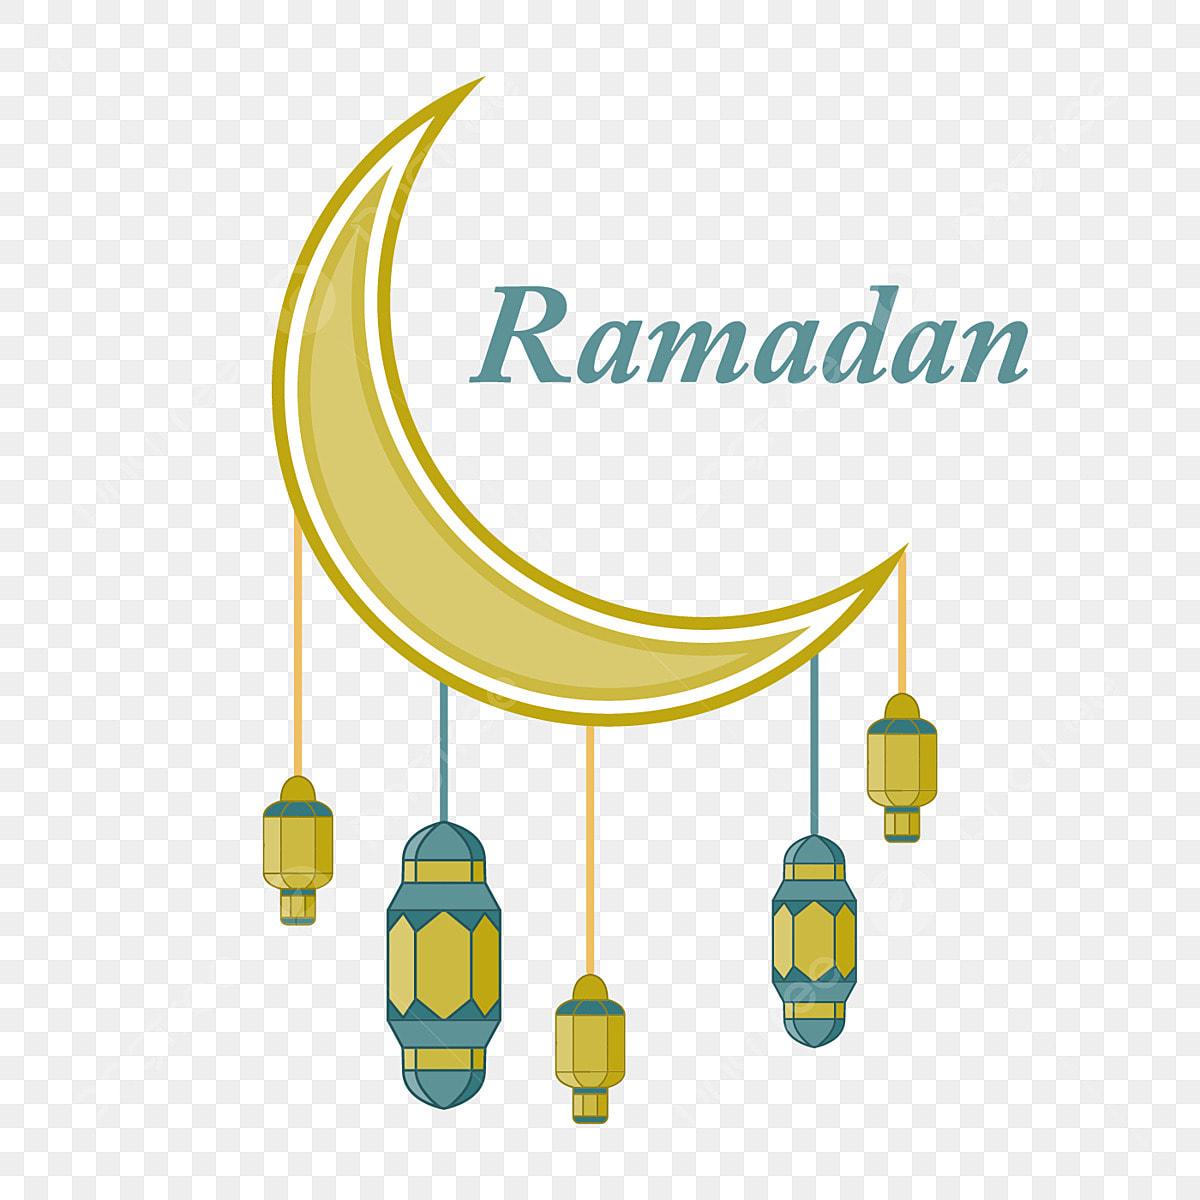 gambar perayaan bulan ramadhan dan lampu tanglung crescent ramadan festival png dan vektor untuk muat turun percuma https ms pngtree com freepng crescent ramadan festival and lantern lights 5345151 html